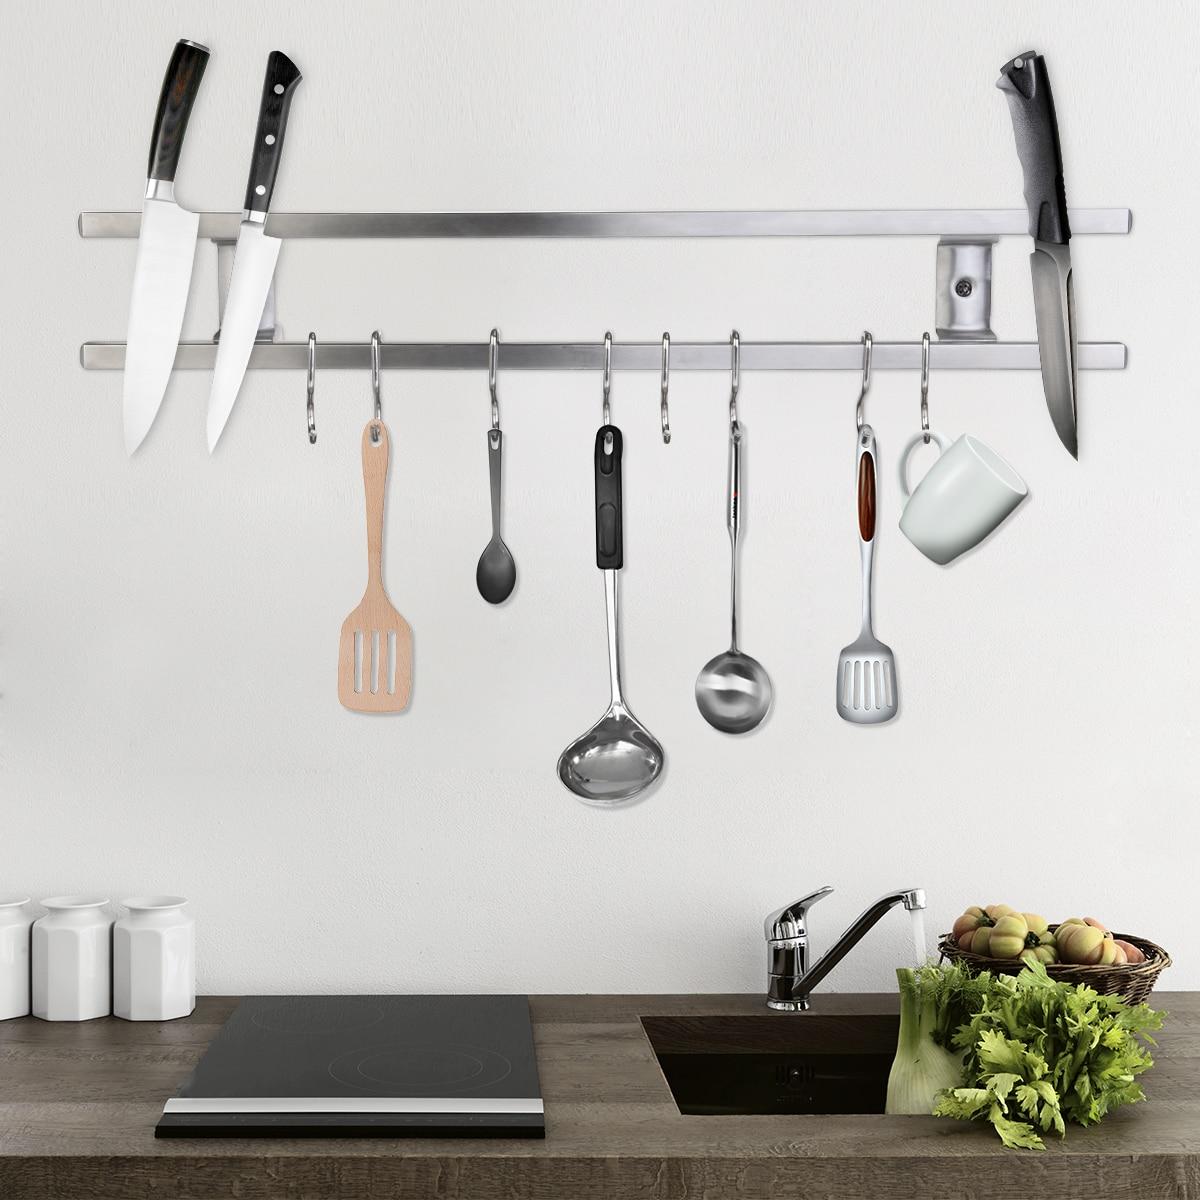 1 Pc Muur Gemonteerde Magnetische Mes Houder Dubbele Bar Mes Rack Voor Keukenmessen Gebruiksvoorwerpen 43*6*2.3 Cm 100% Garantie